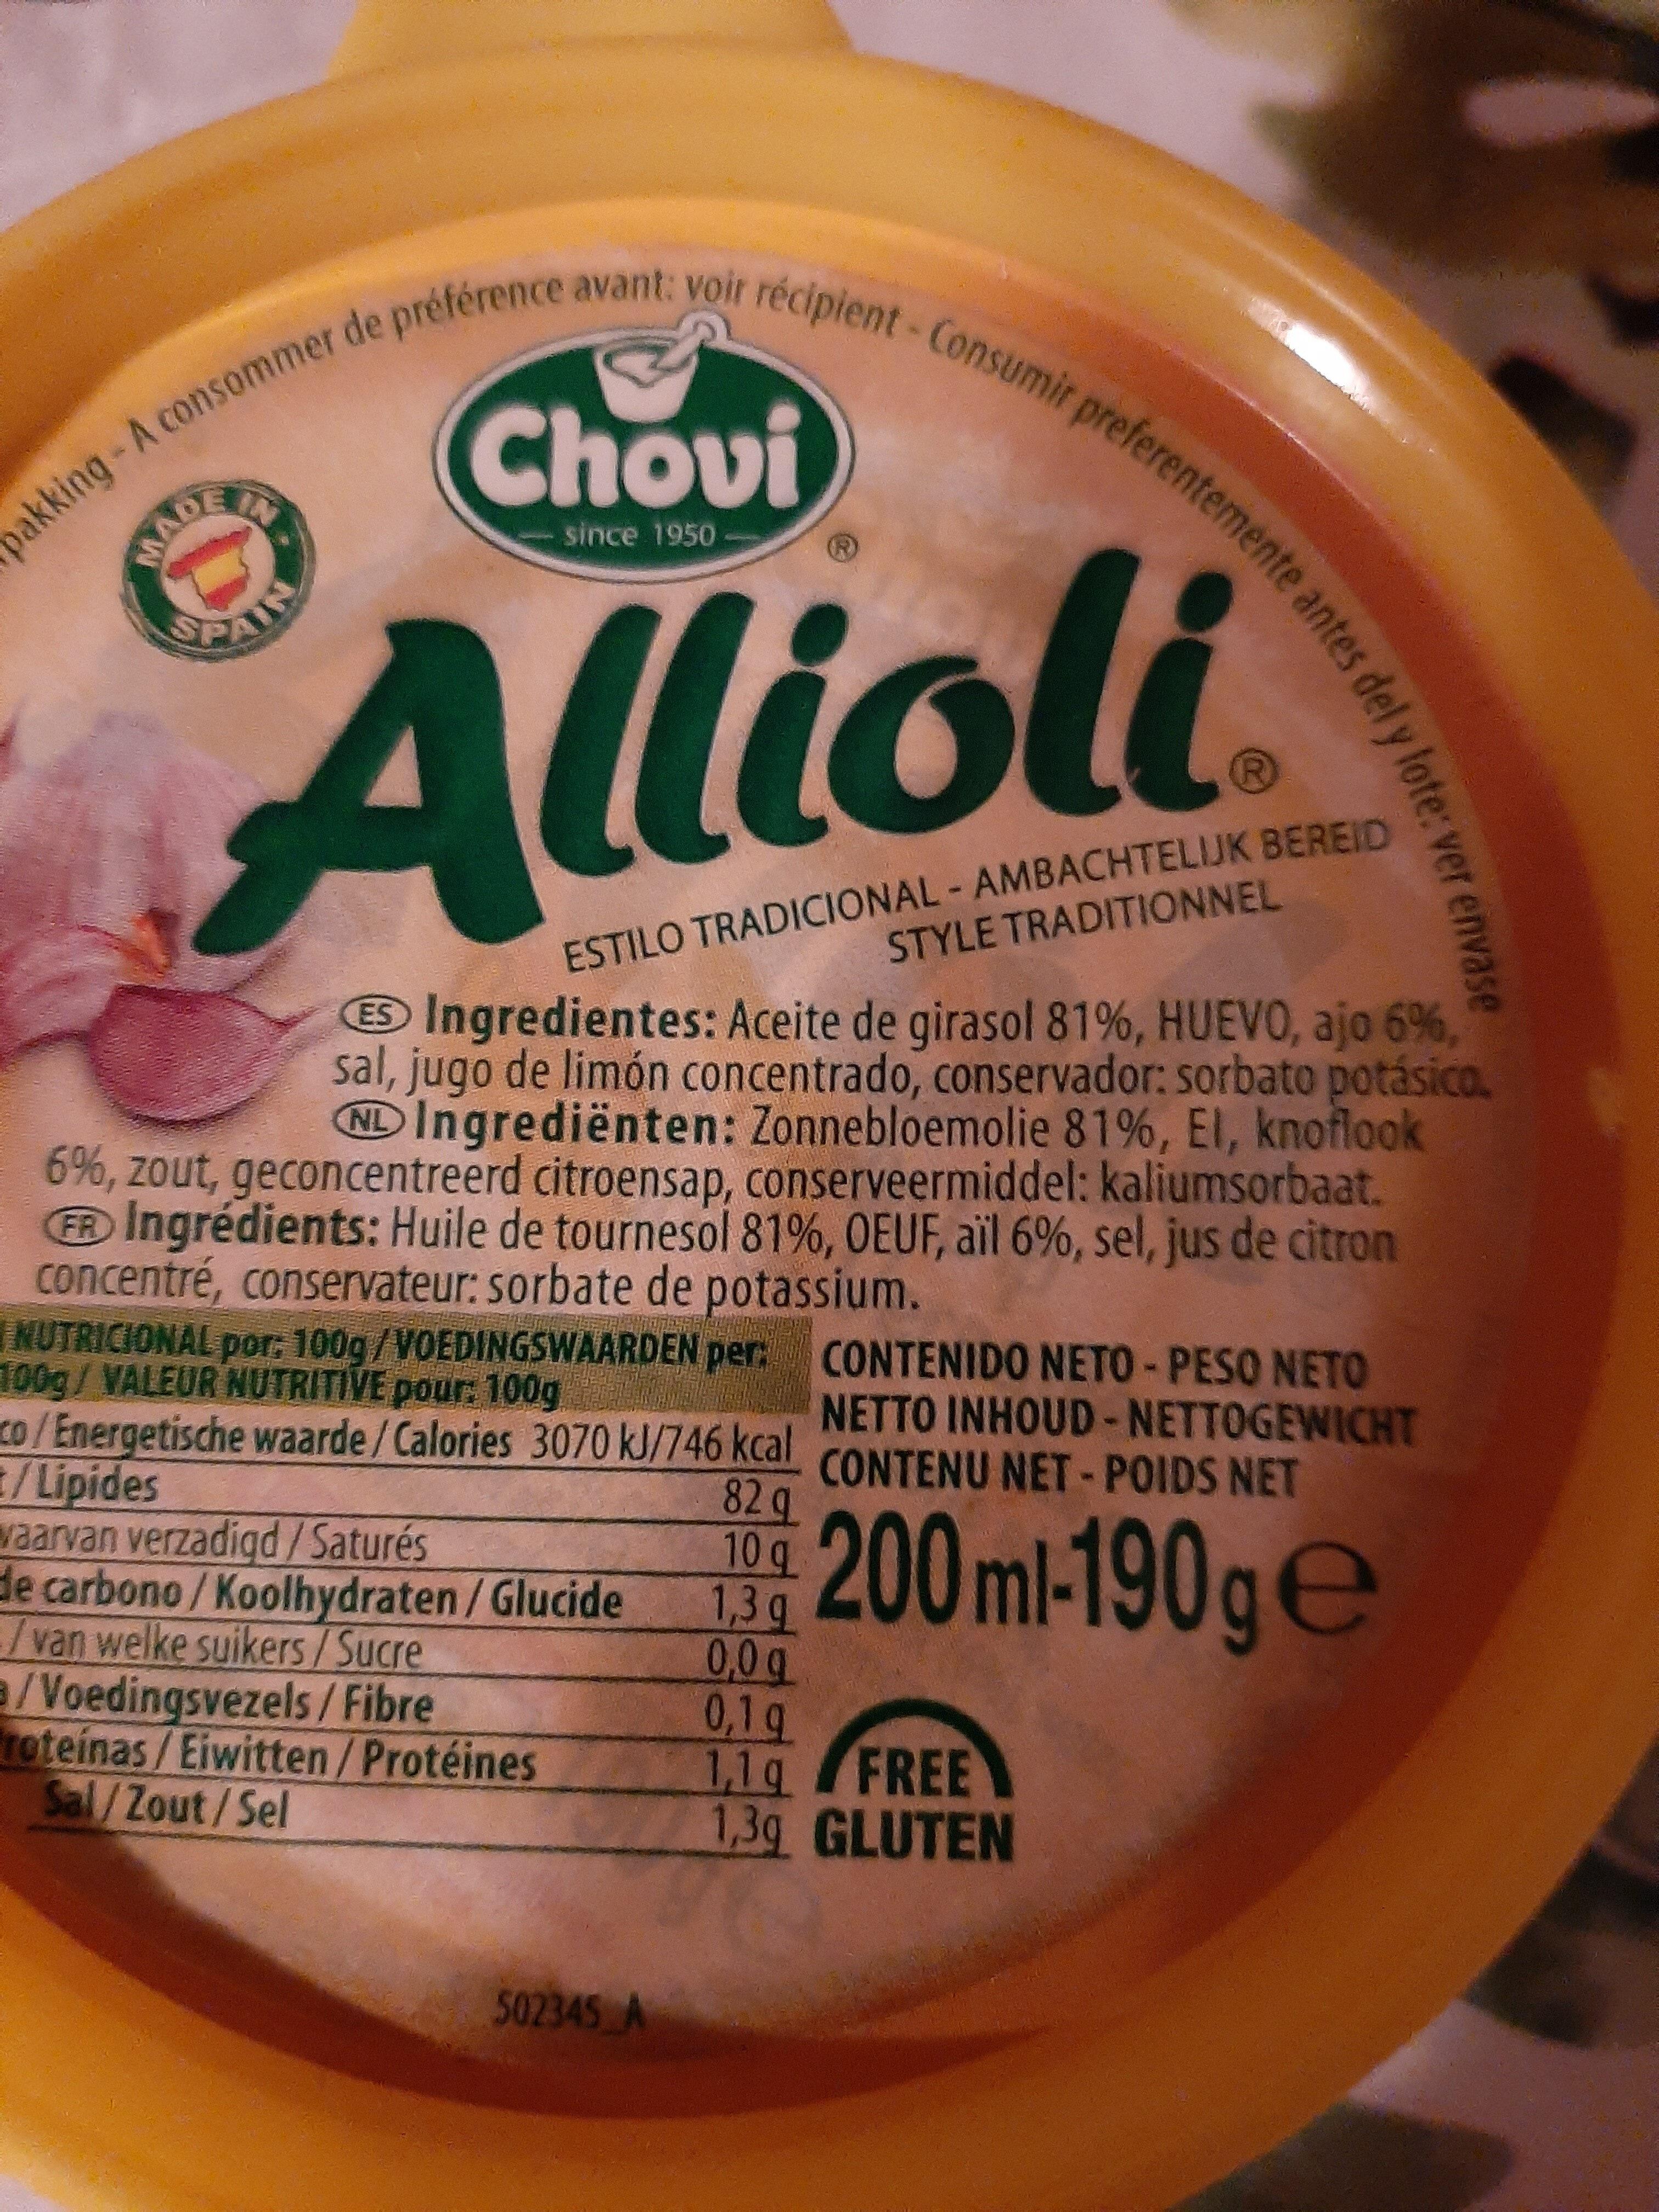 allioli - Ingredients - nl